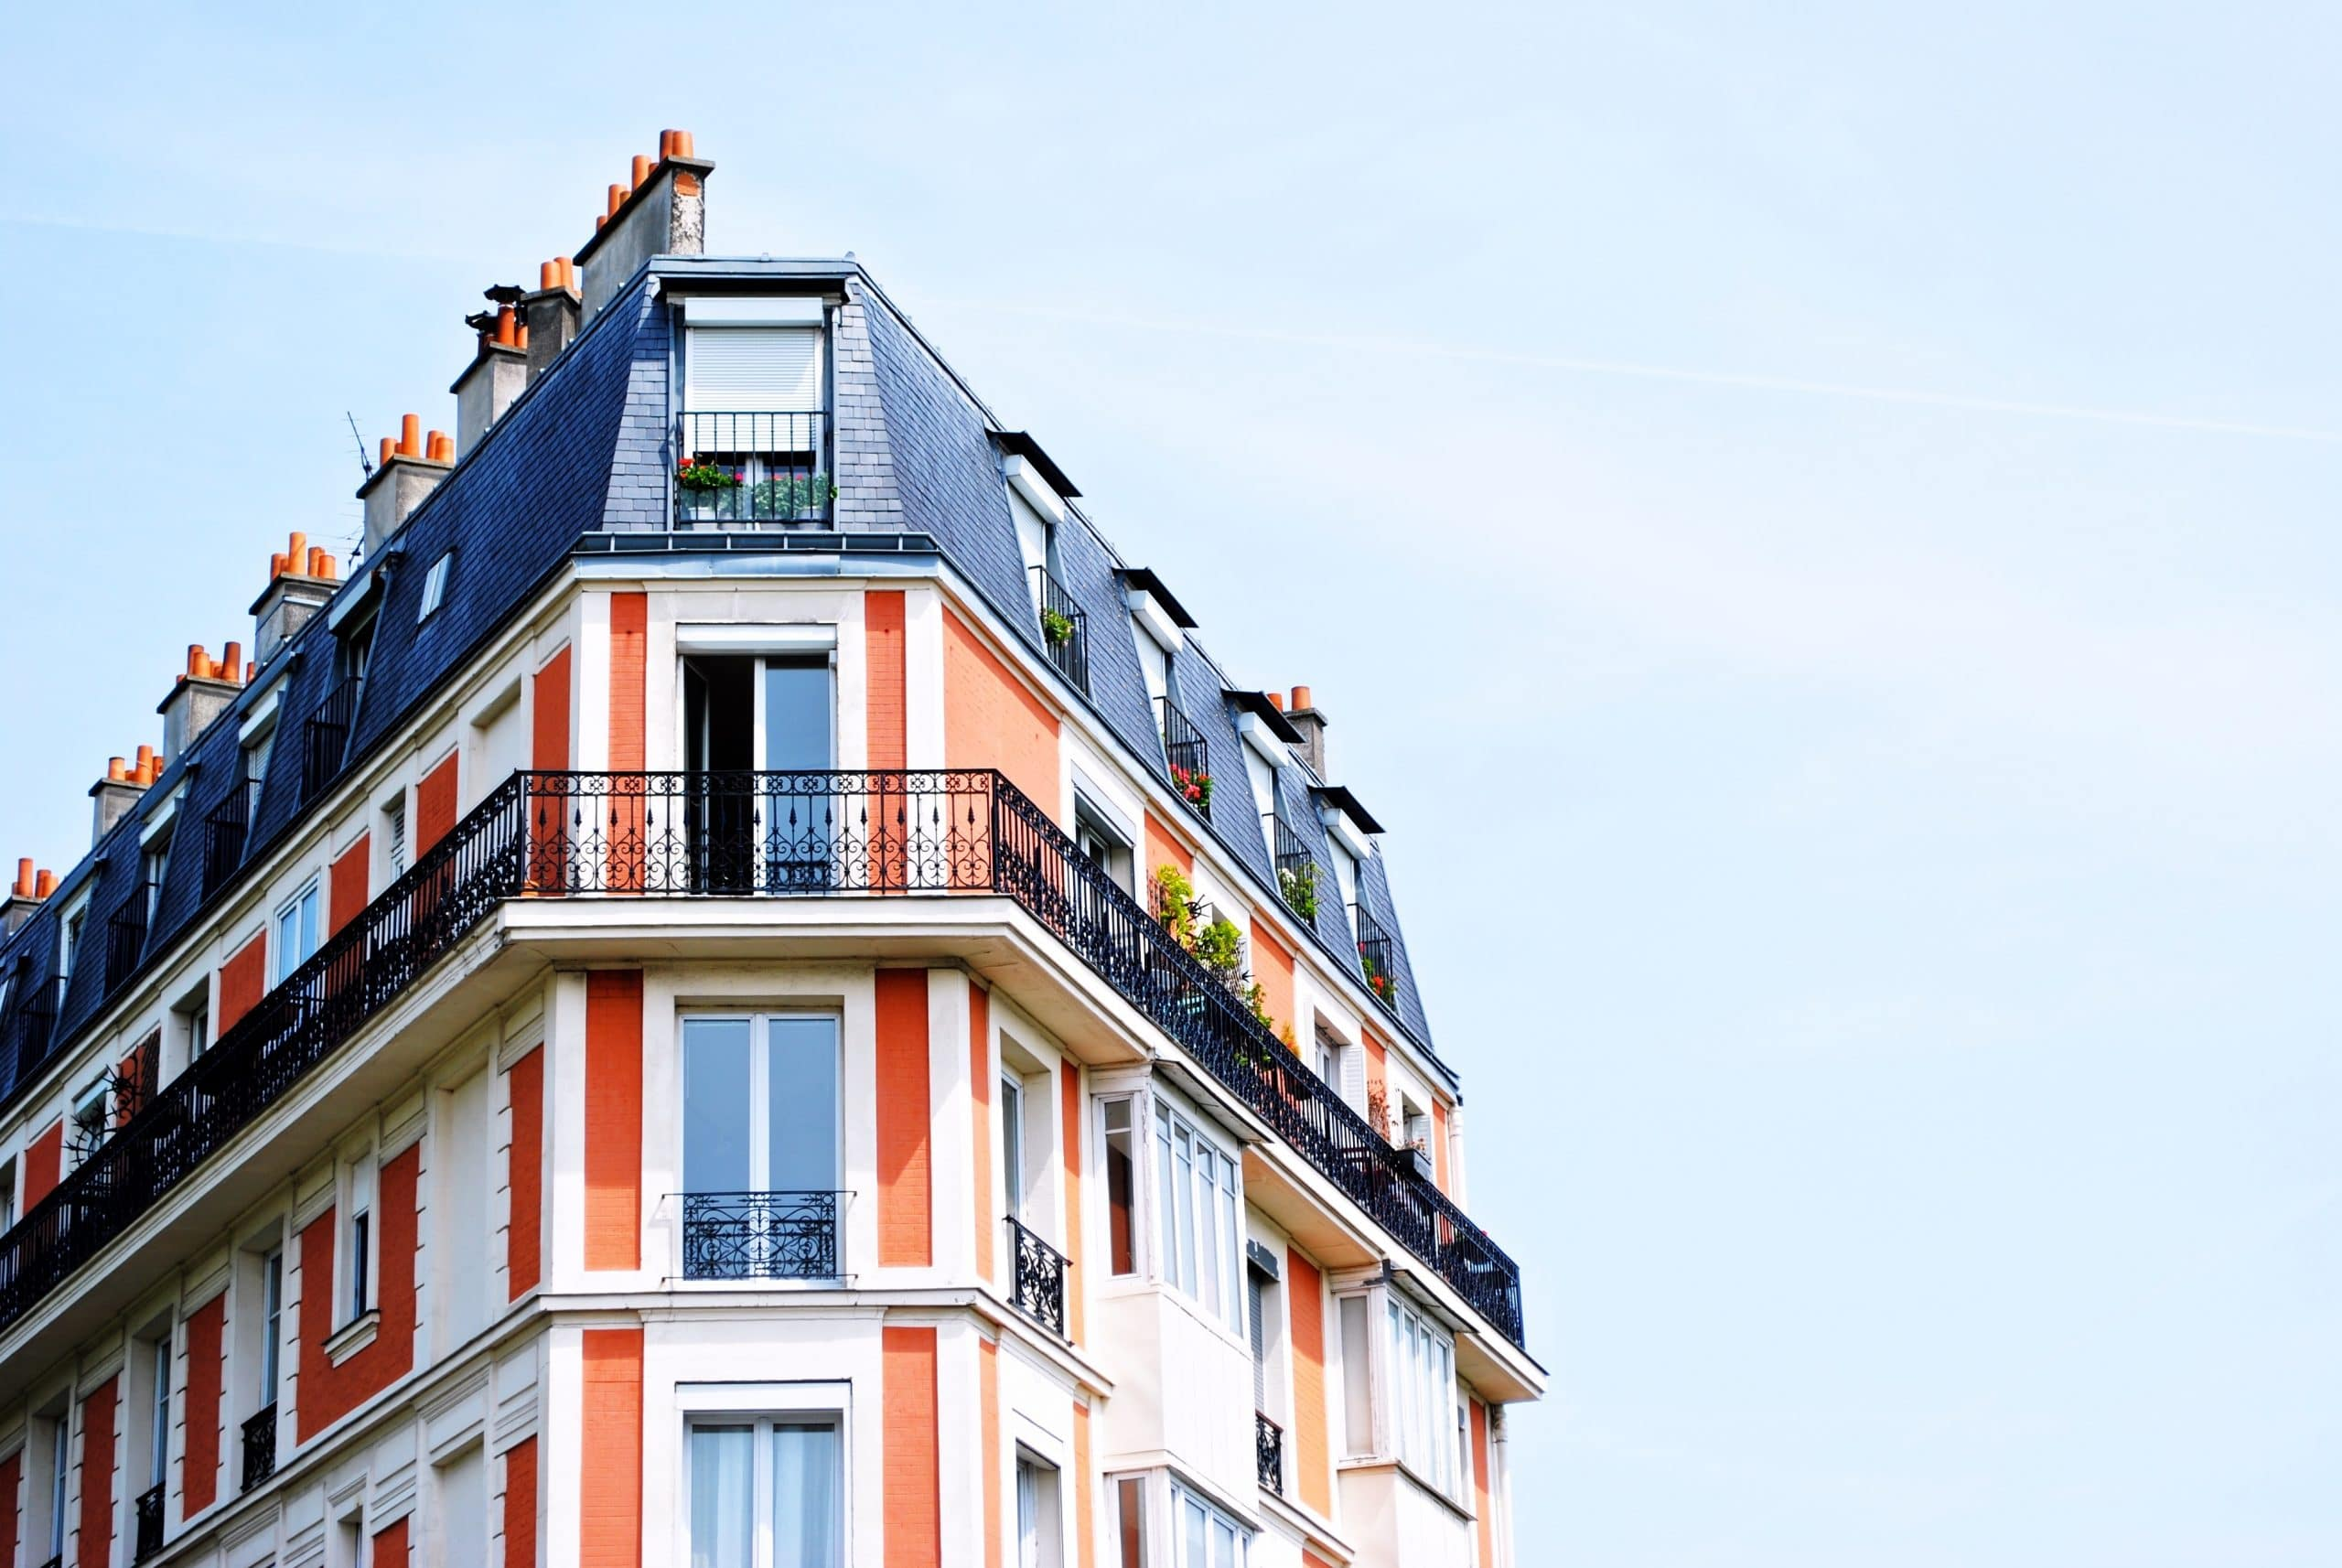 Worauf achten beim Wohnungskauf? Tipps & Kriterien für die Entscheidung